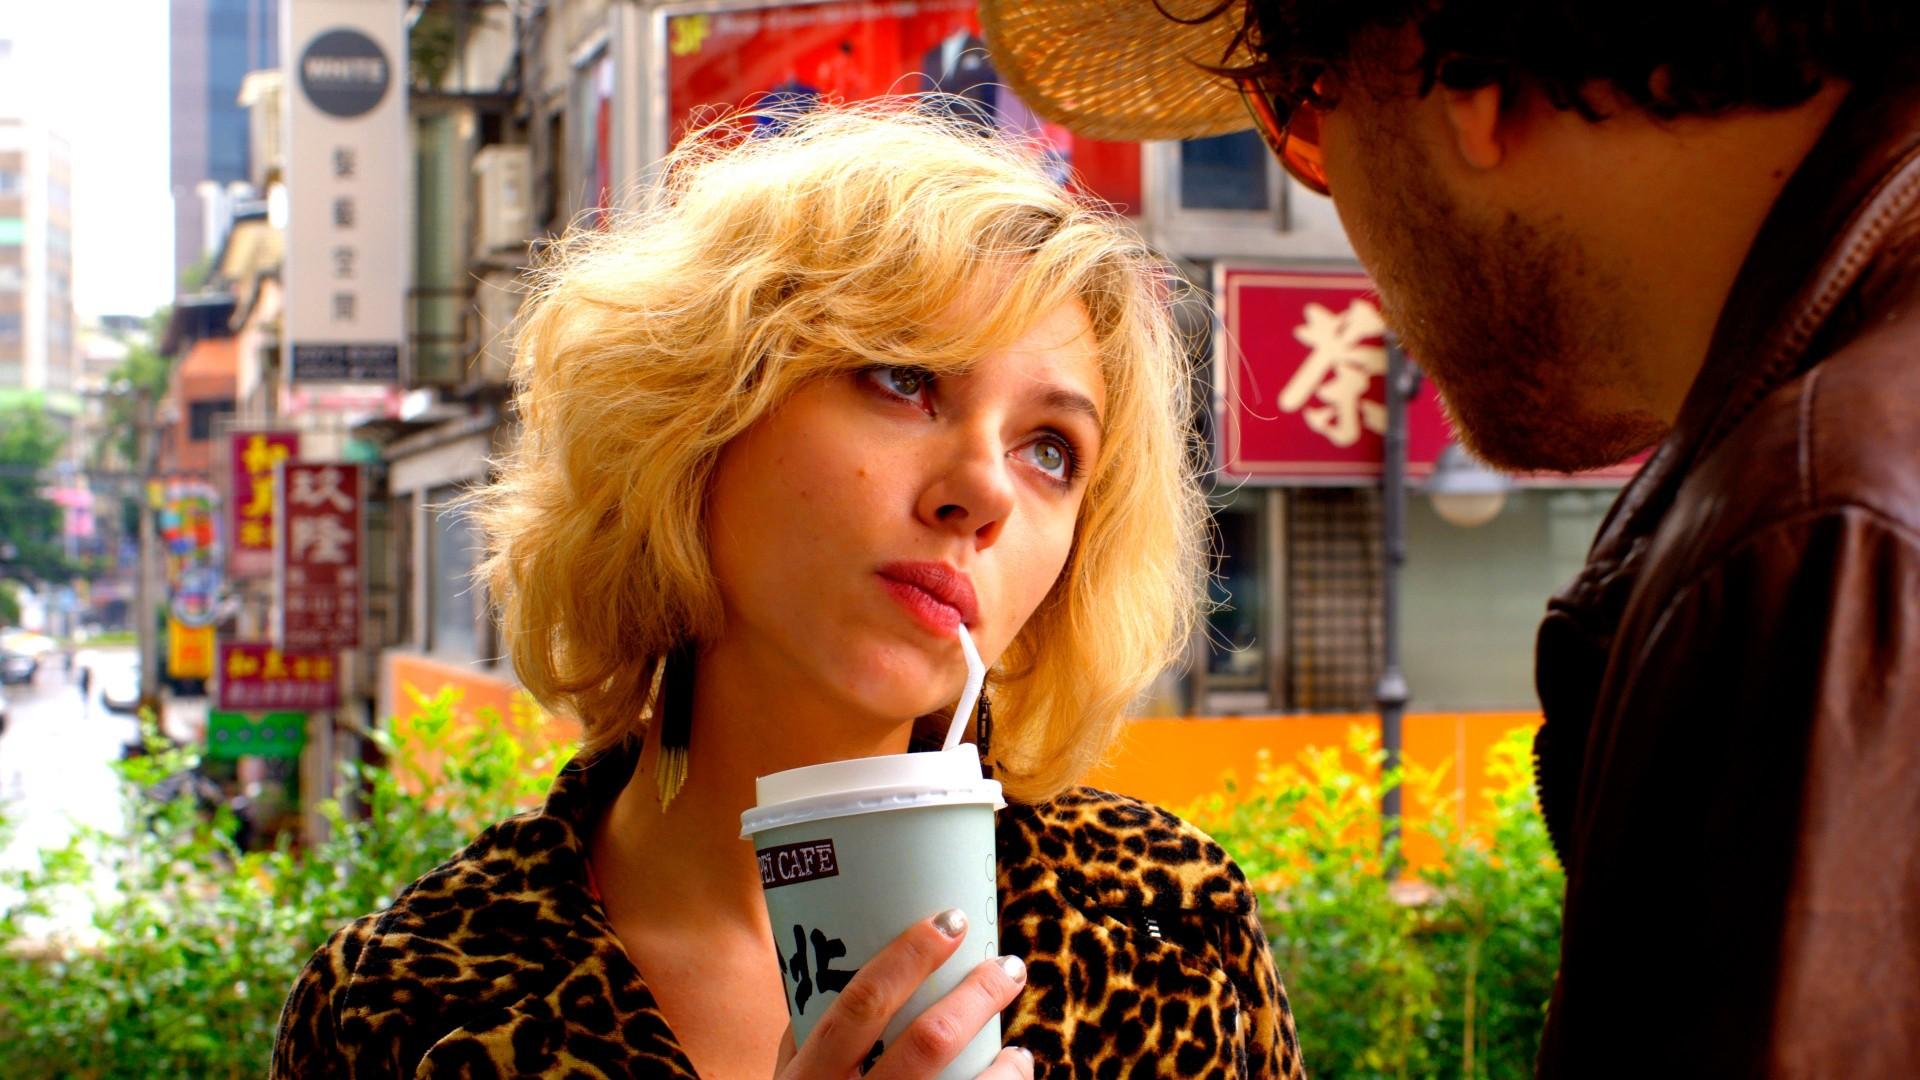 drink short hair blonde taipei scarlett johansson lucy (movie)